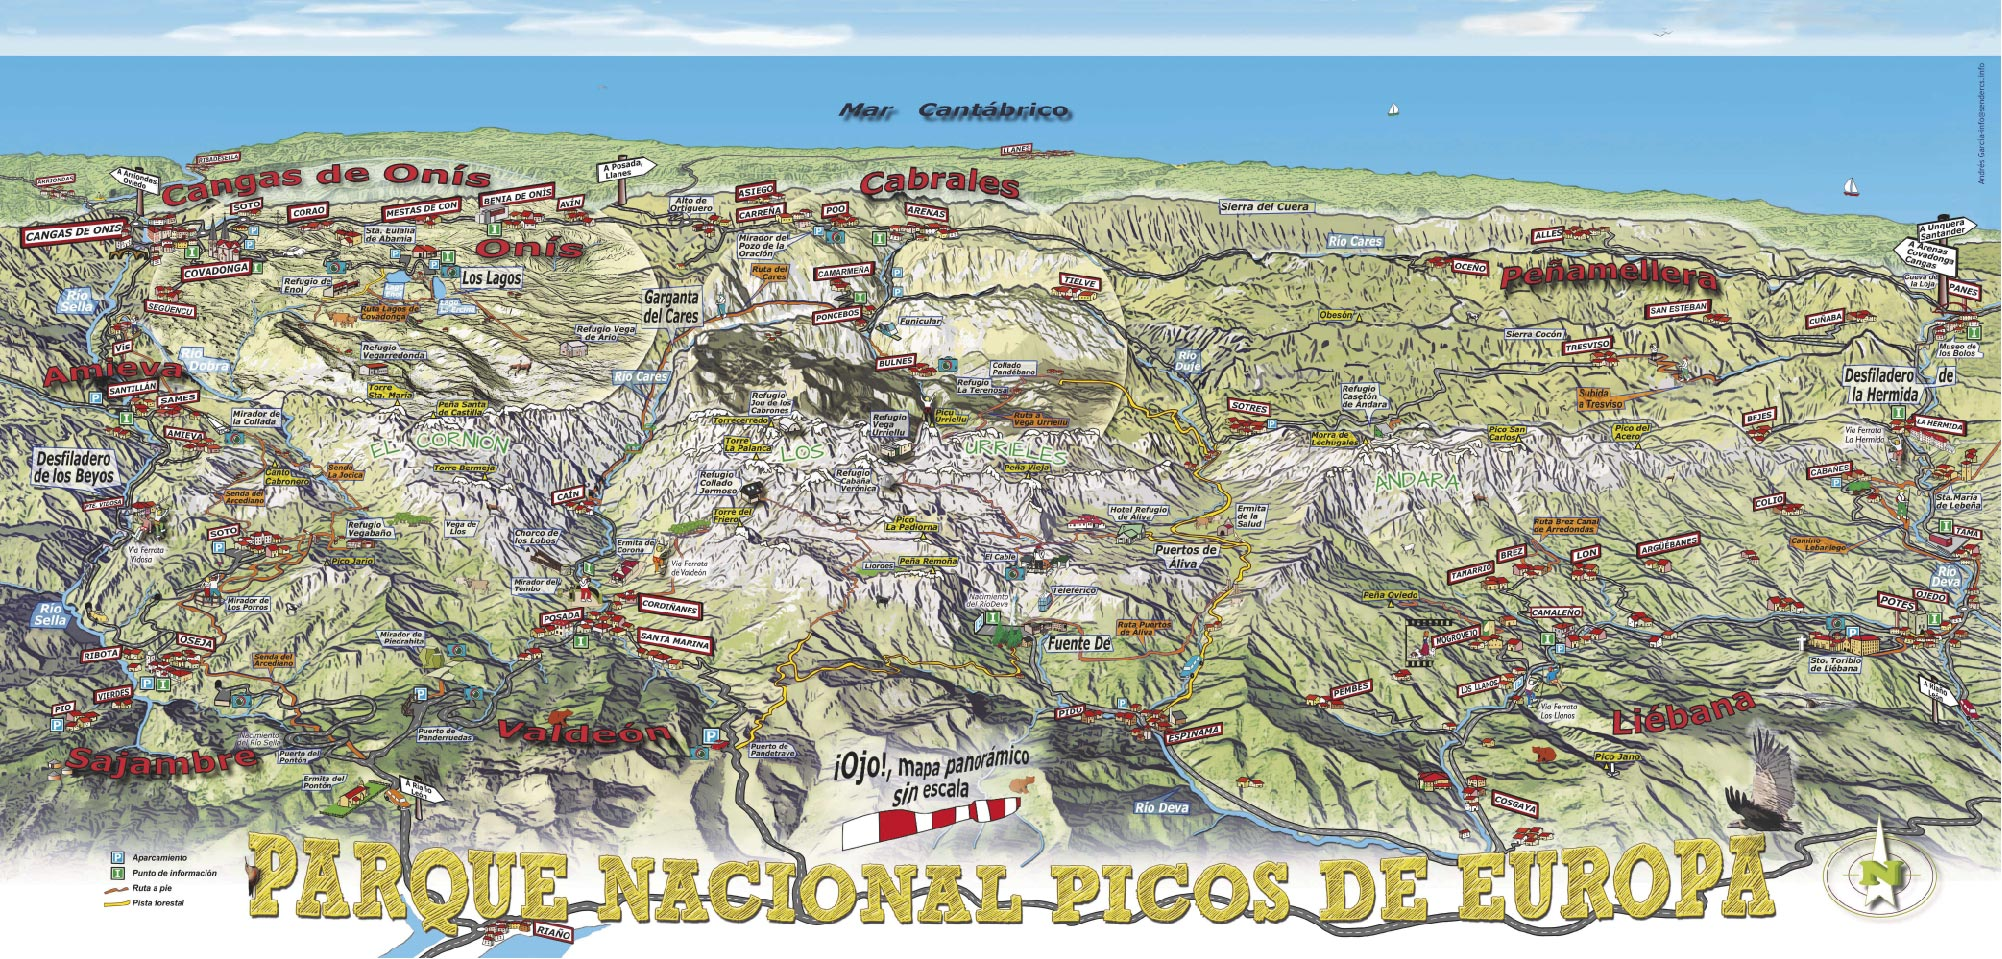 Ruta Del Cares Mapa.Mapa Panoramico Del Parque Nacional De Los Picos De Europa